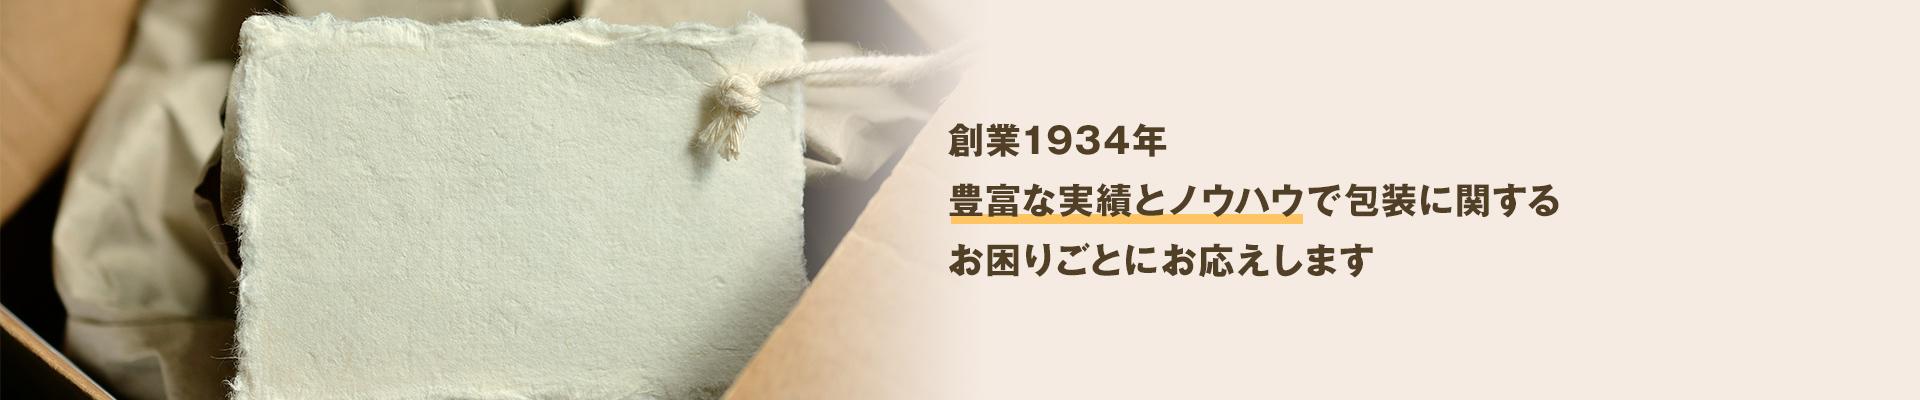 創業1934年、豊富な実績とノウハウで包装に関するお困りごとにお応えします